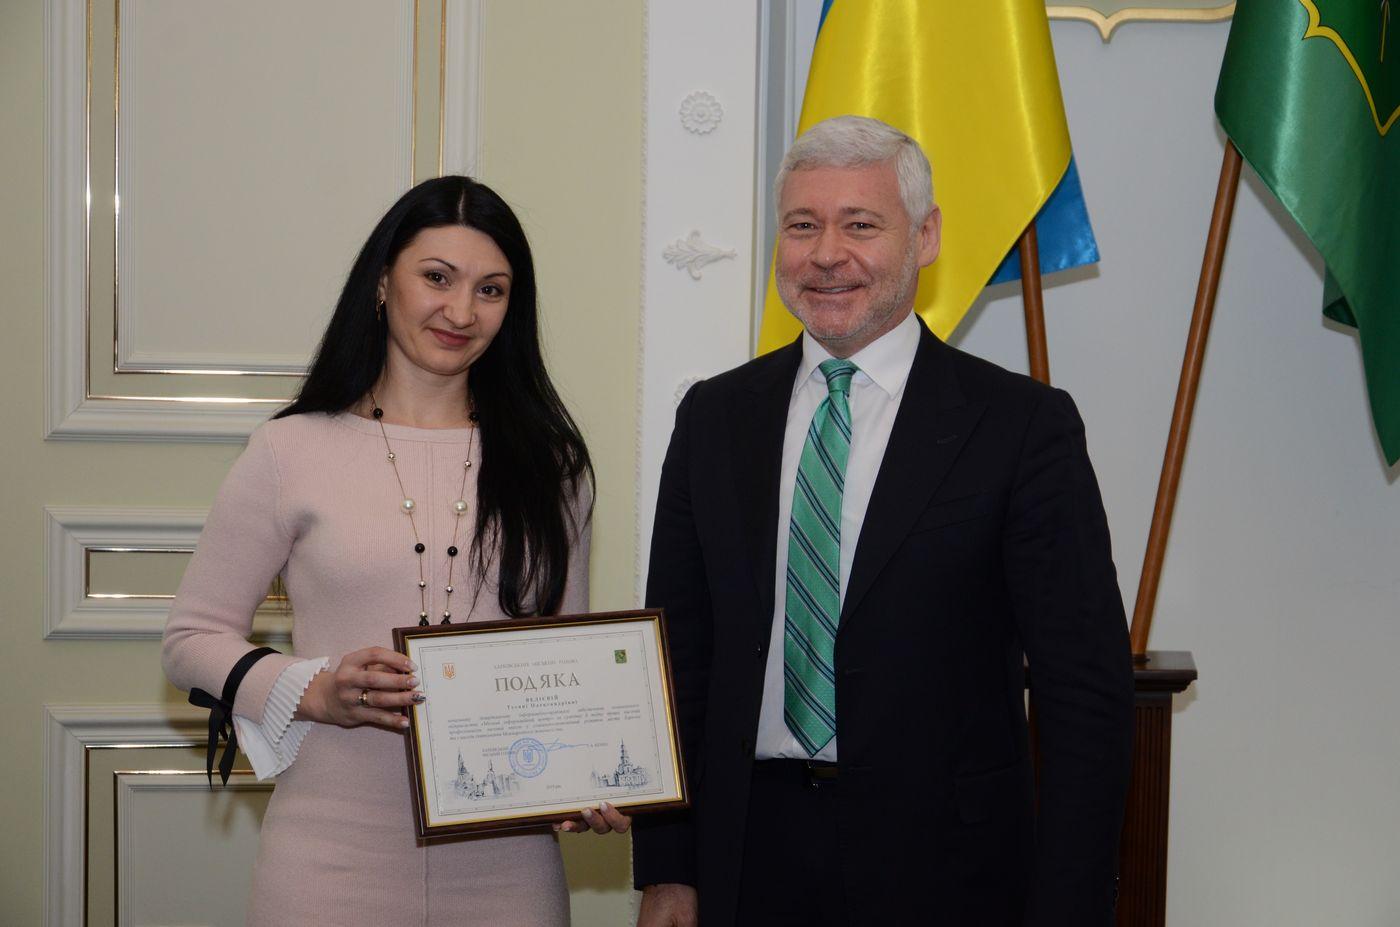 Ігор Терехов привітав жінок з Міжнародним жіночим днем